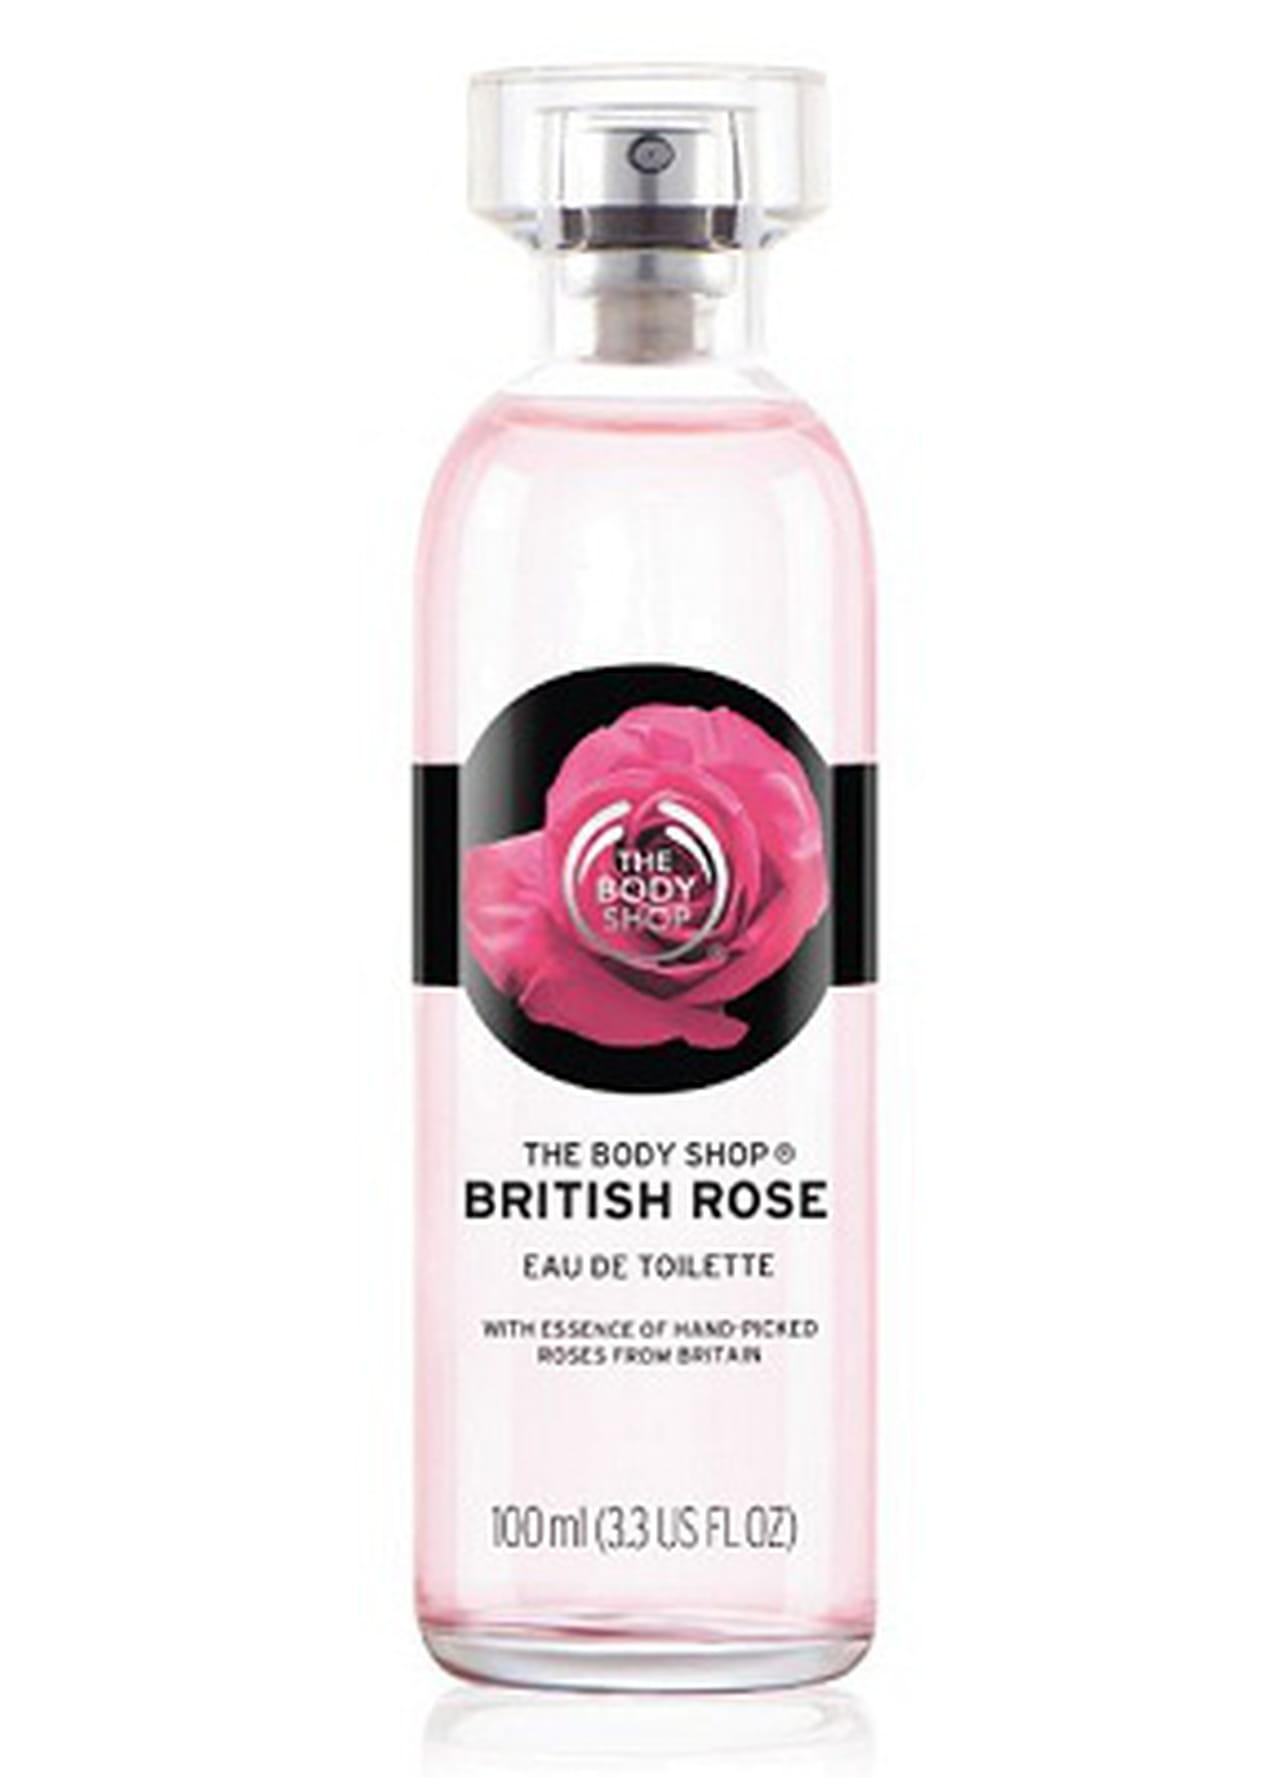 مجموعة British Rose من ذي بودي شوب لتدليل بشرتك